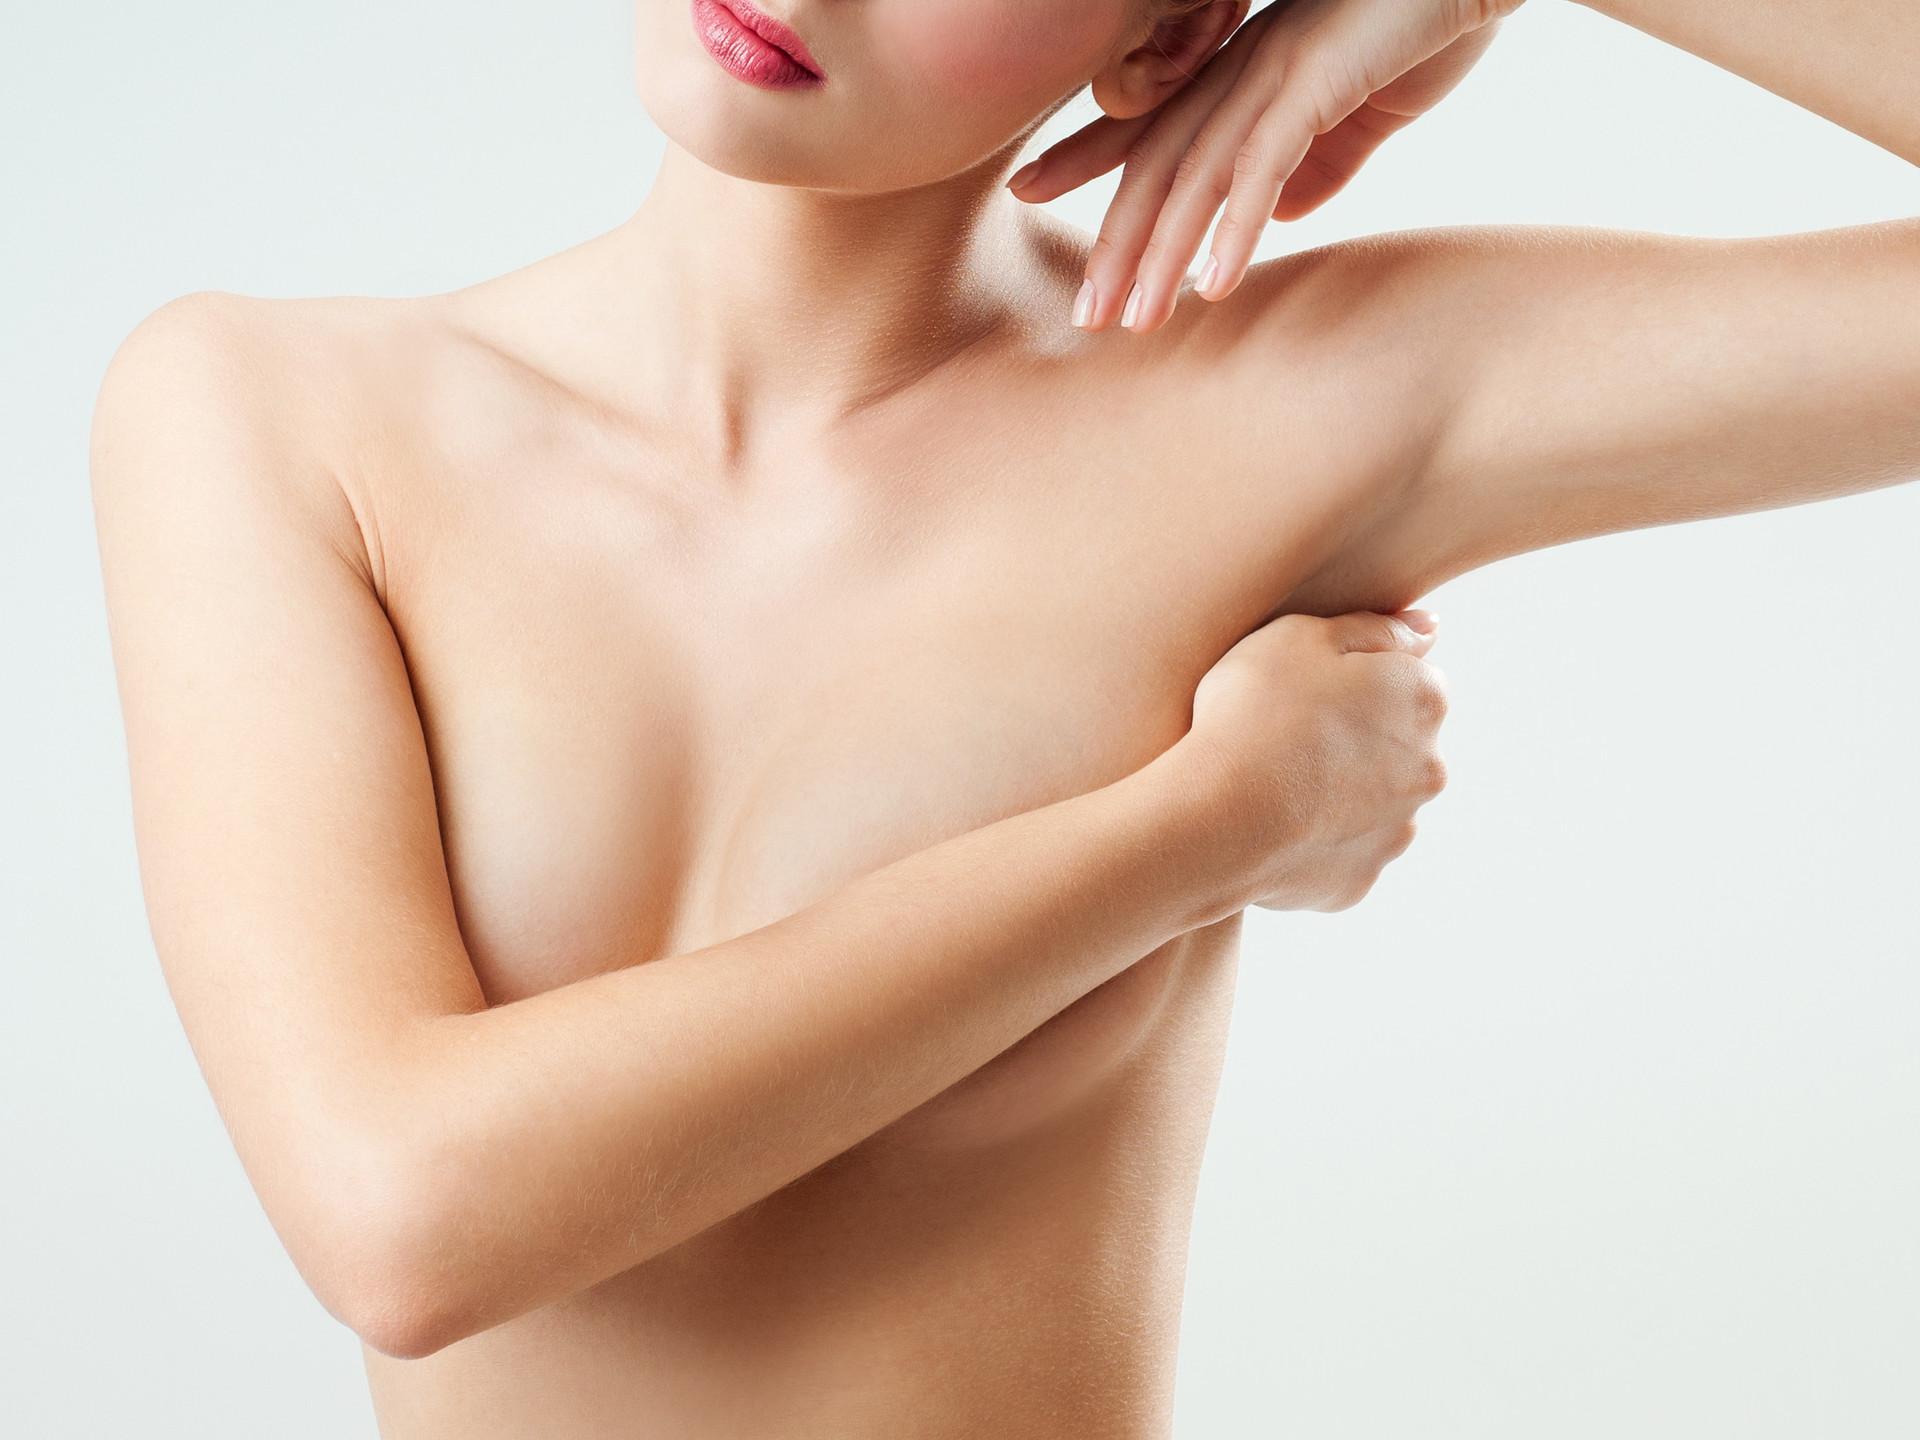 Frau verdeckt nackte Brust mit Arm